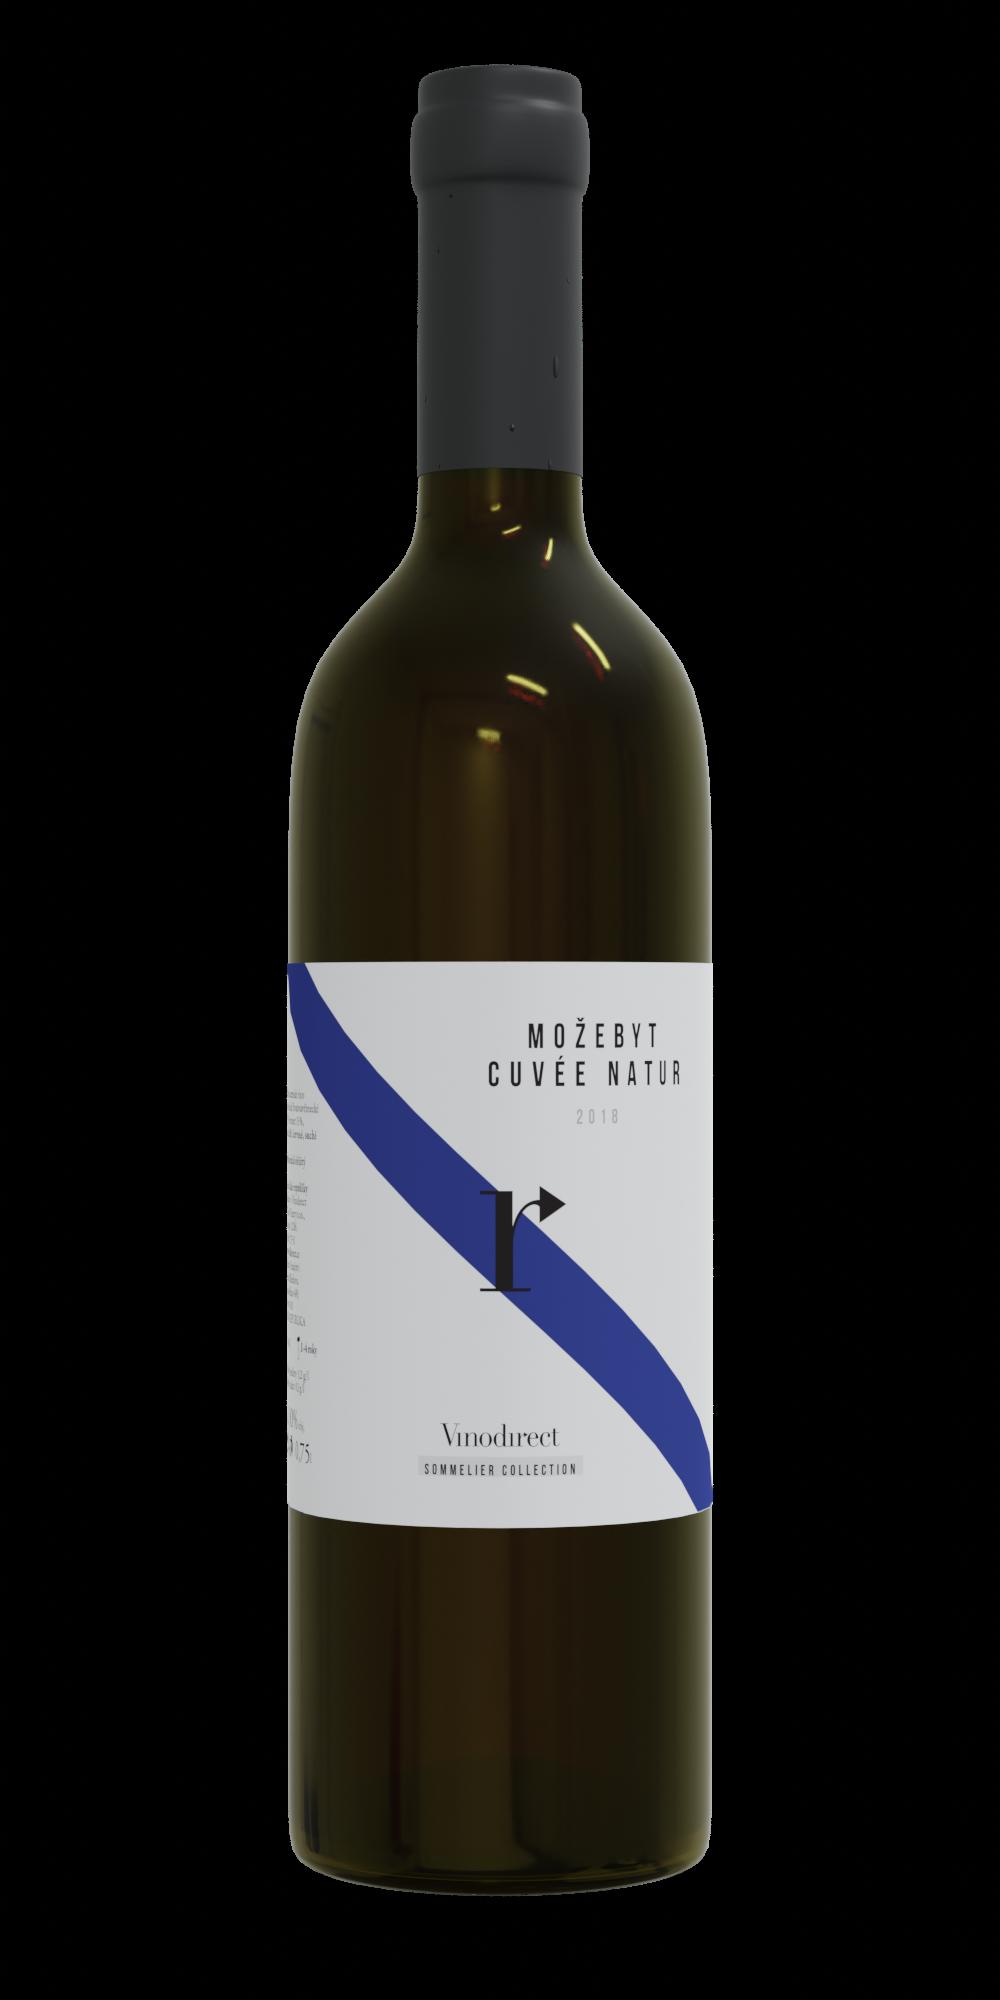 Vinodirect - Možebyt Cuvée Natur 2018